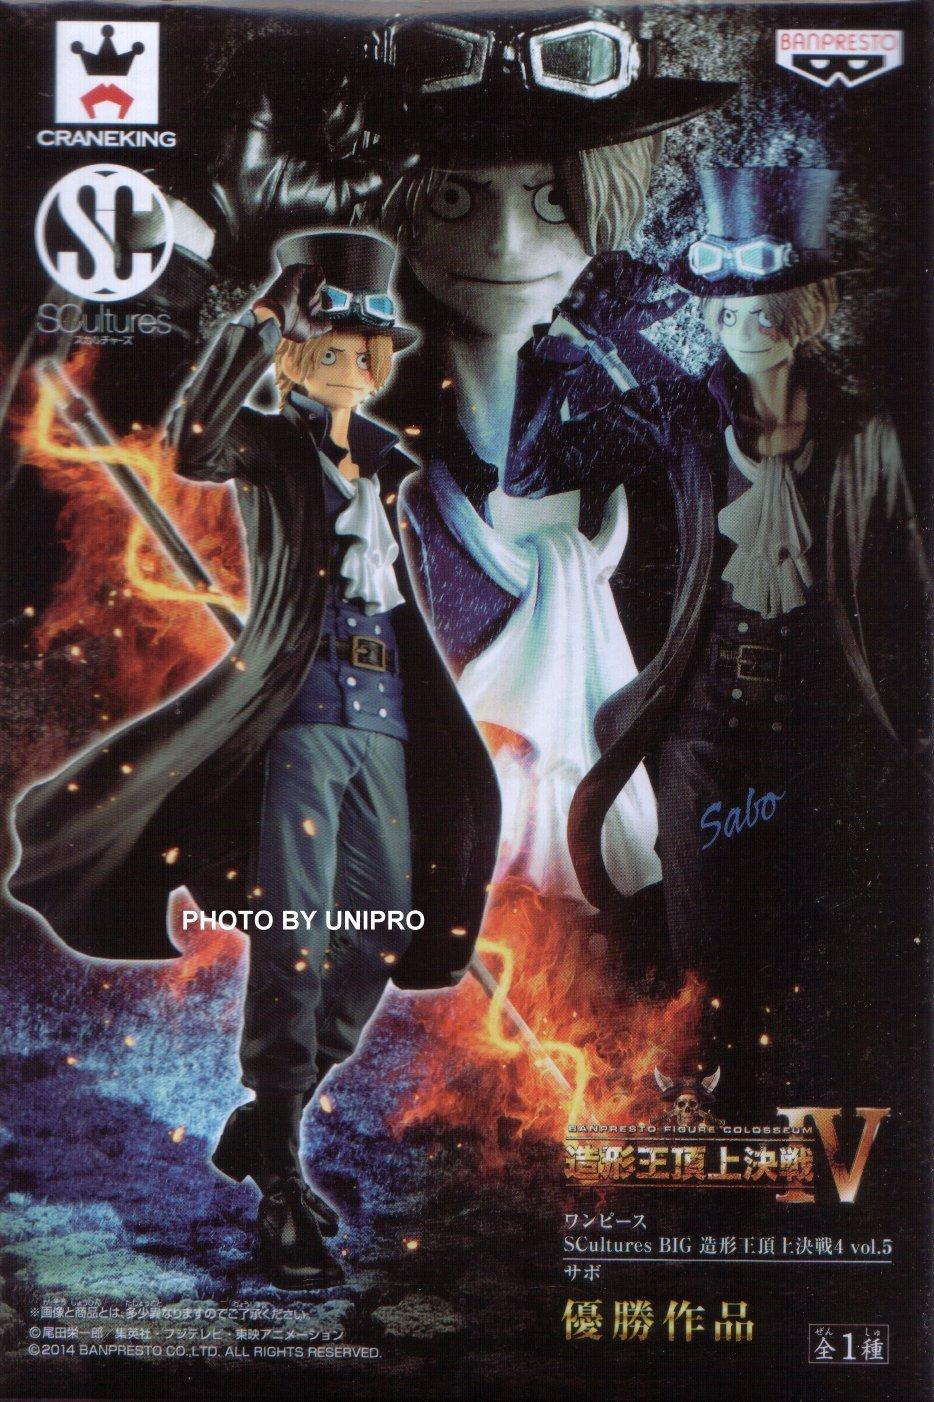 日版金證 頂上決戰4 VOL.5 薩波 SABO 革命軍 參謀總長 公仔 海賊王 航海王 One Piece